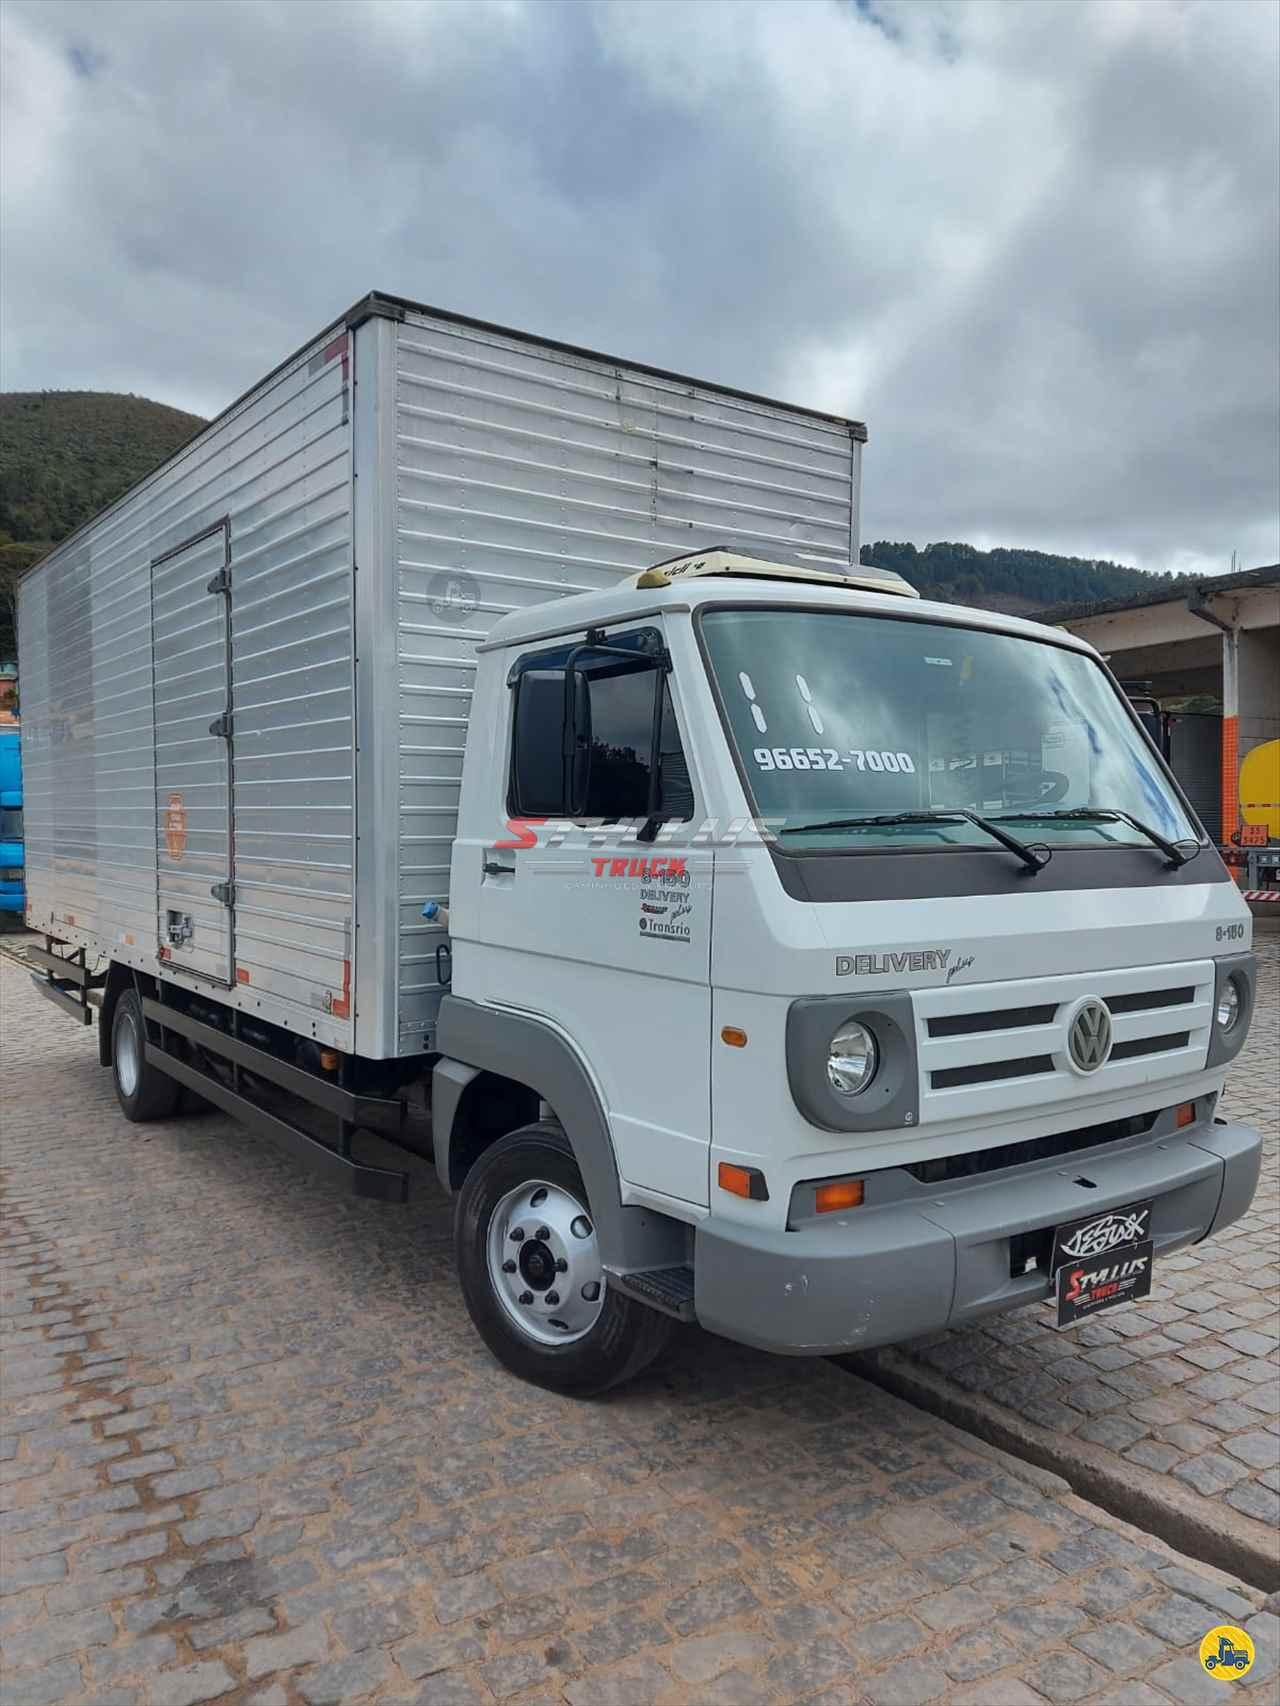 VW 8150 de Styllus Truck - TERESOPOLIS/RJ